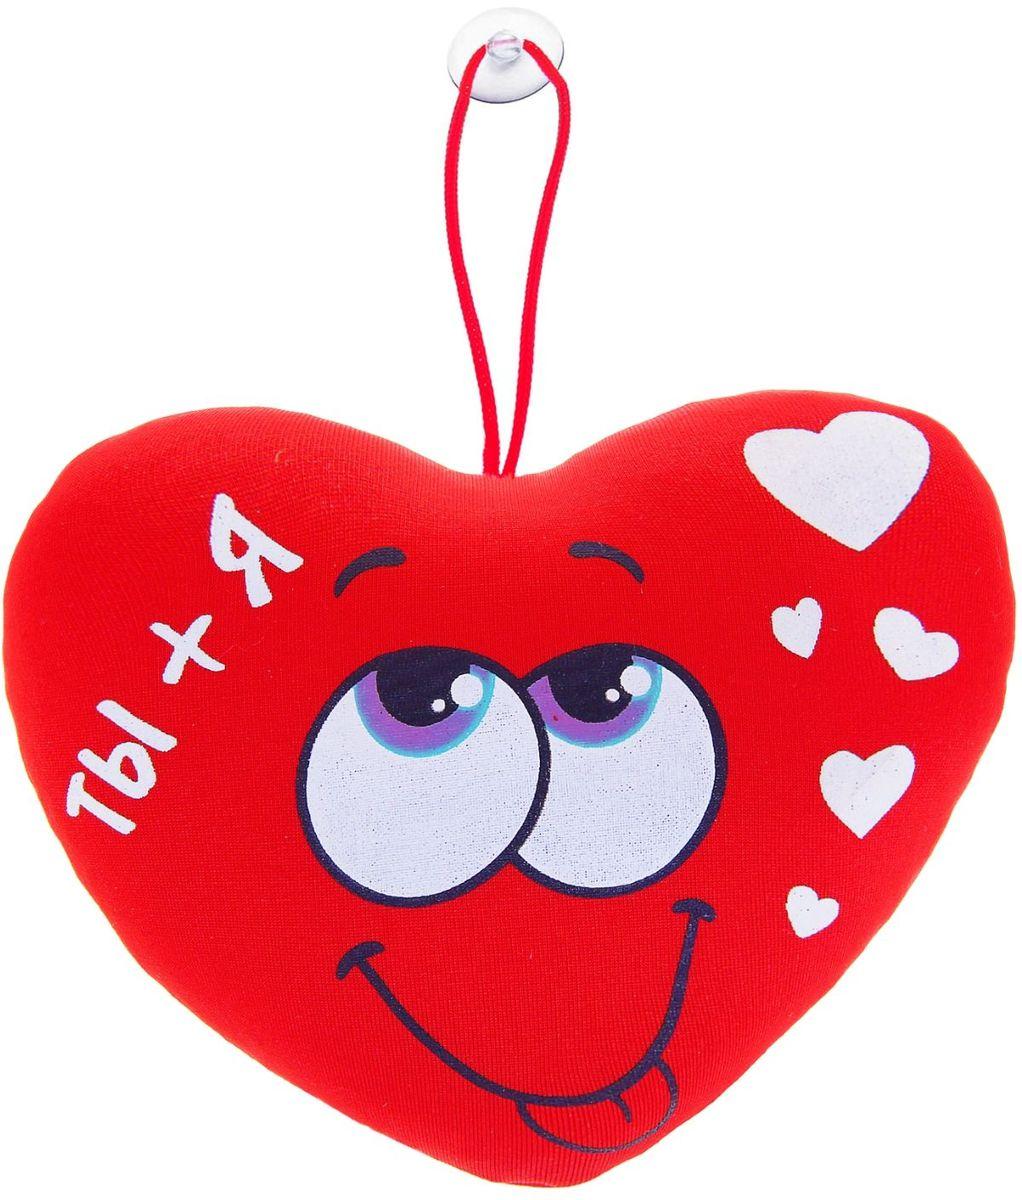 Sima-land Мягкая игрушка-антистресс Сердечко Ты+я 864925 игрушка антистресс сима ленд сердечко 330476